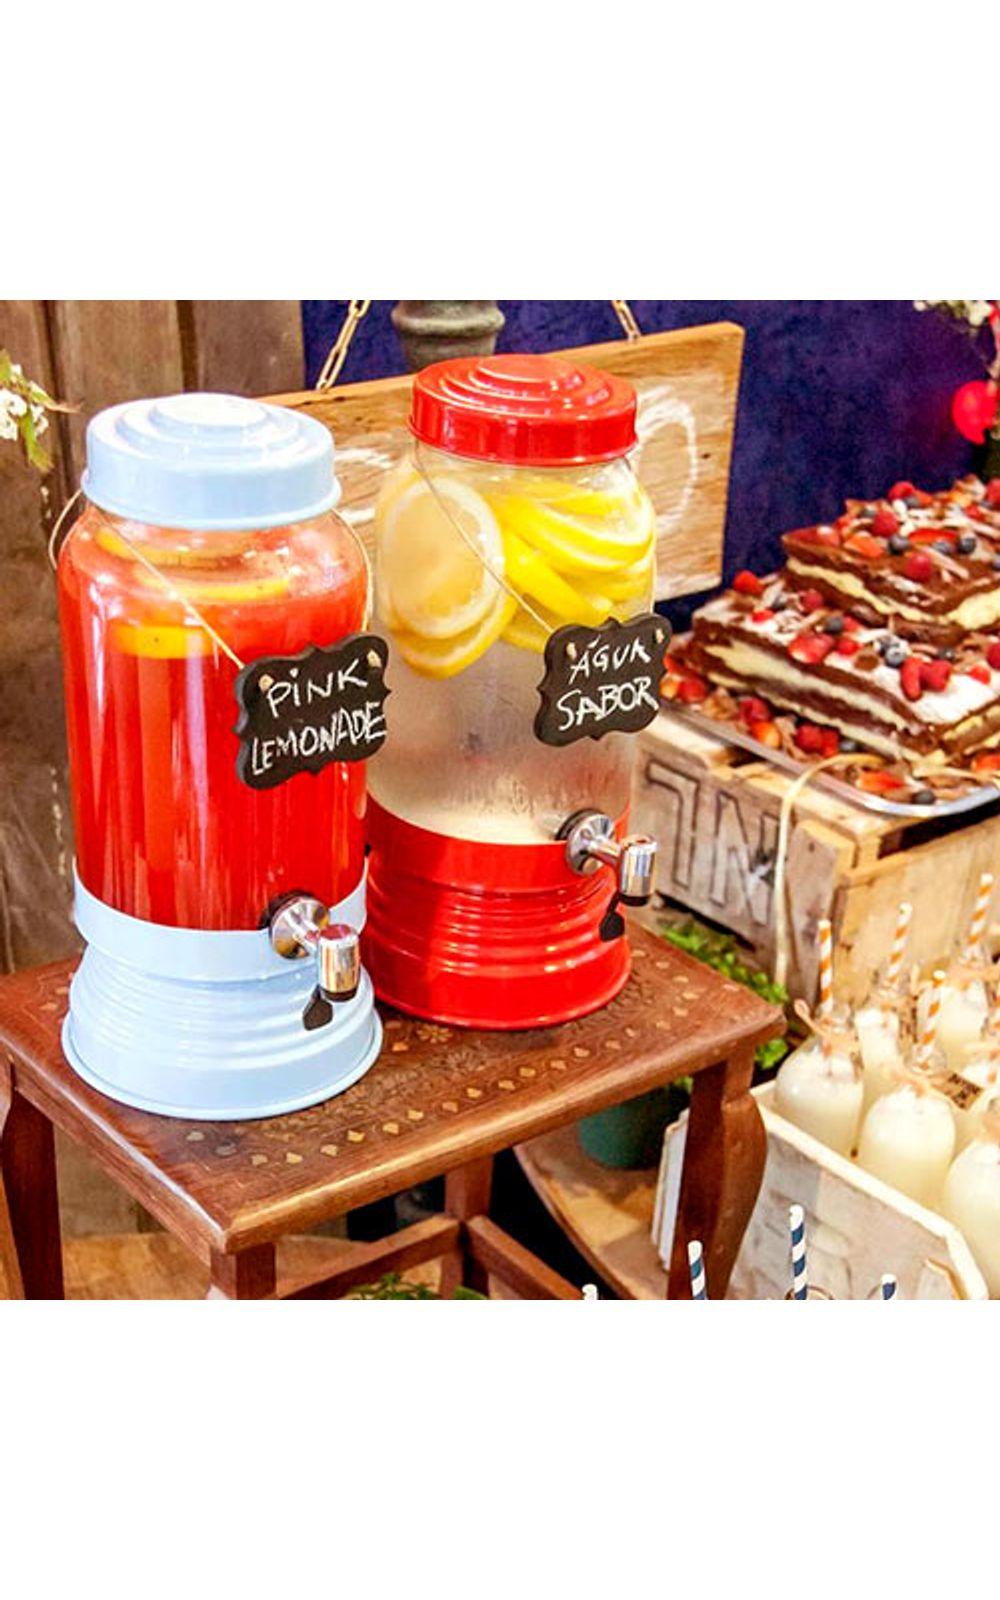 Foto 3 - Suqueira de Vidro 3,2 litros Vermelha Metalizada